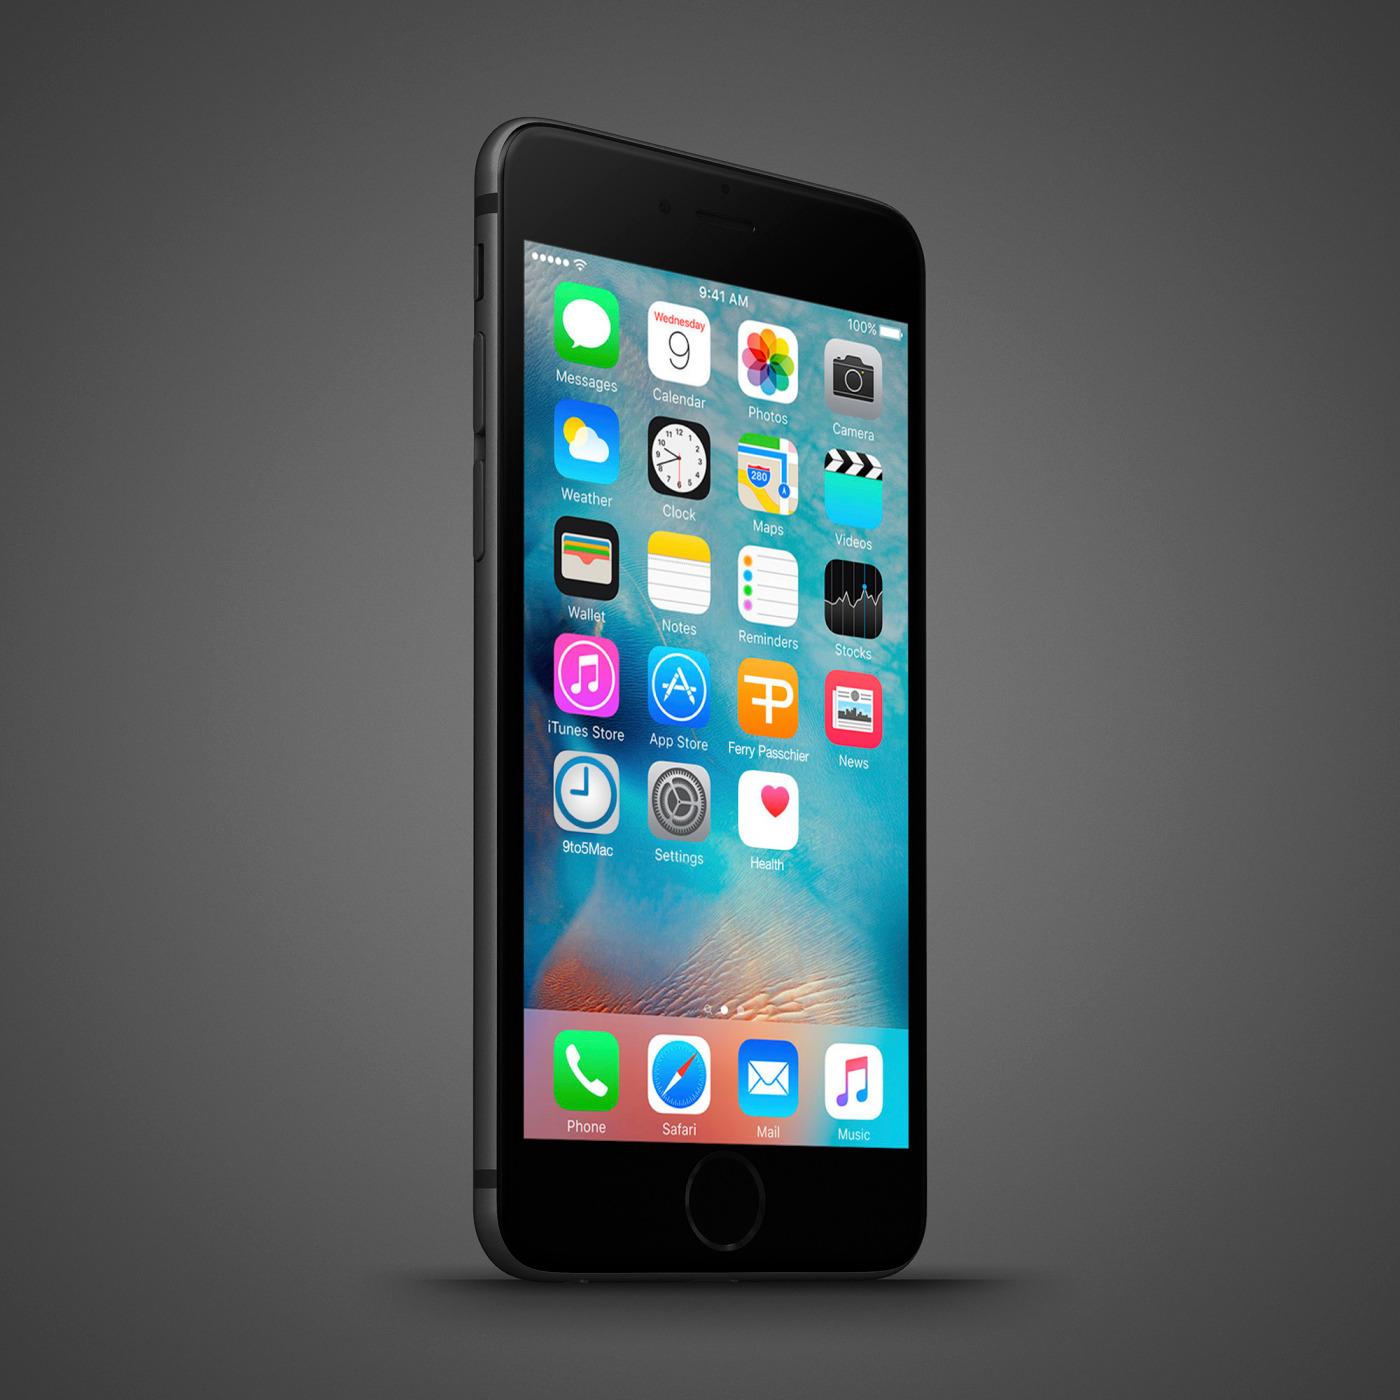 iphone-6c-spacegrey_front